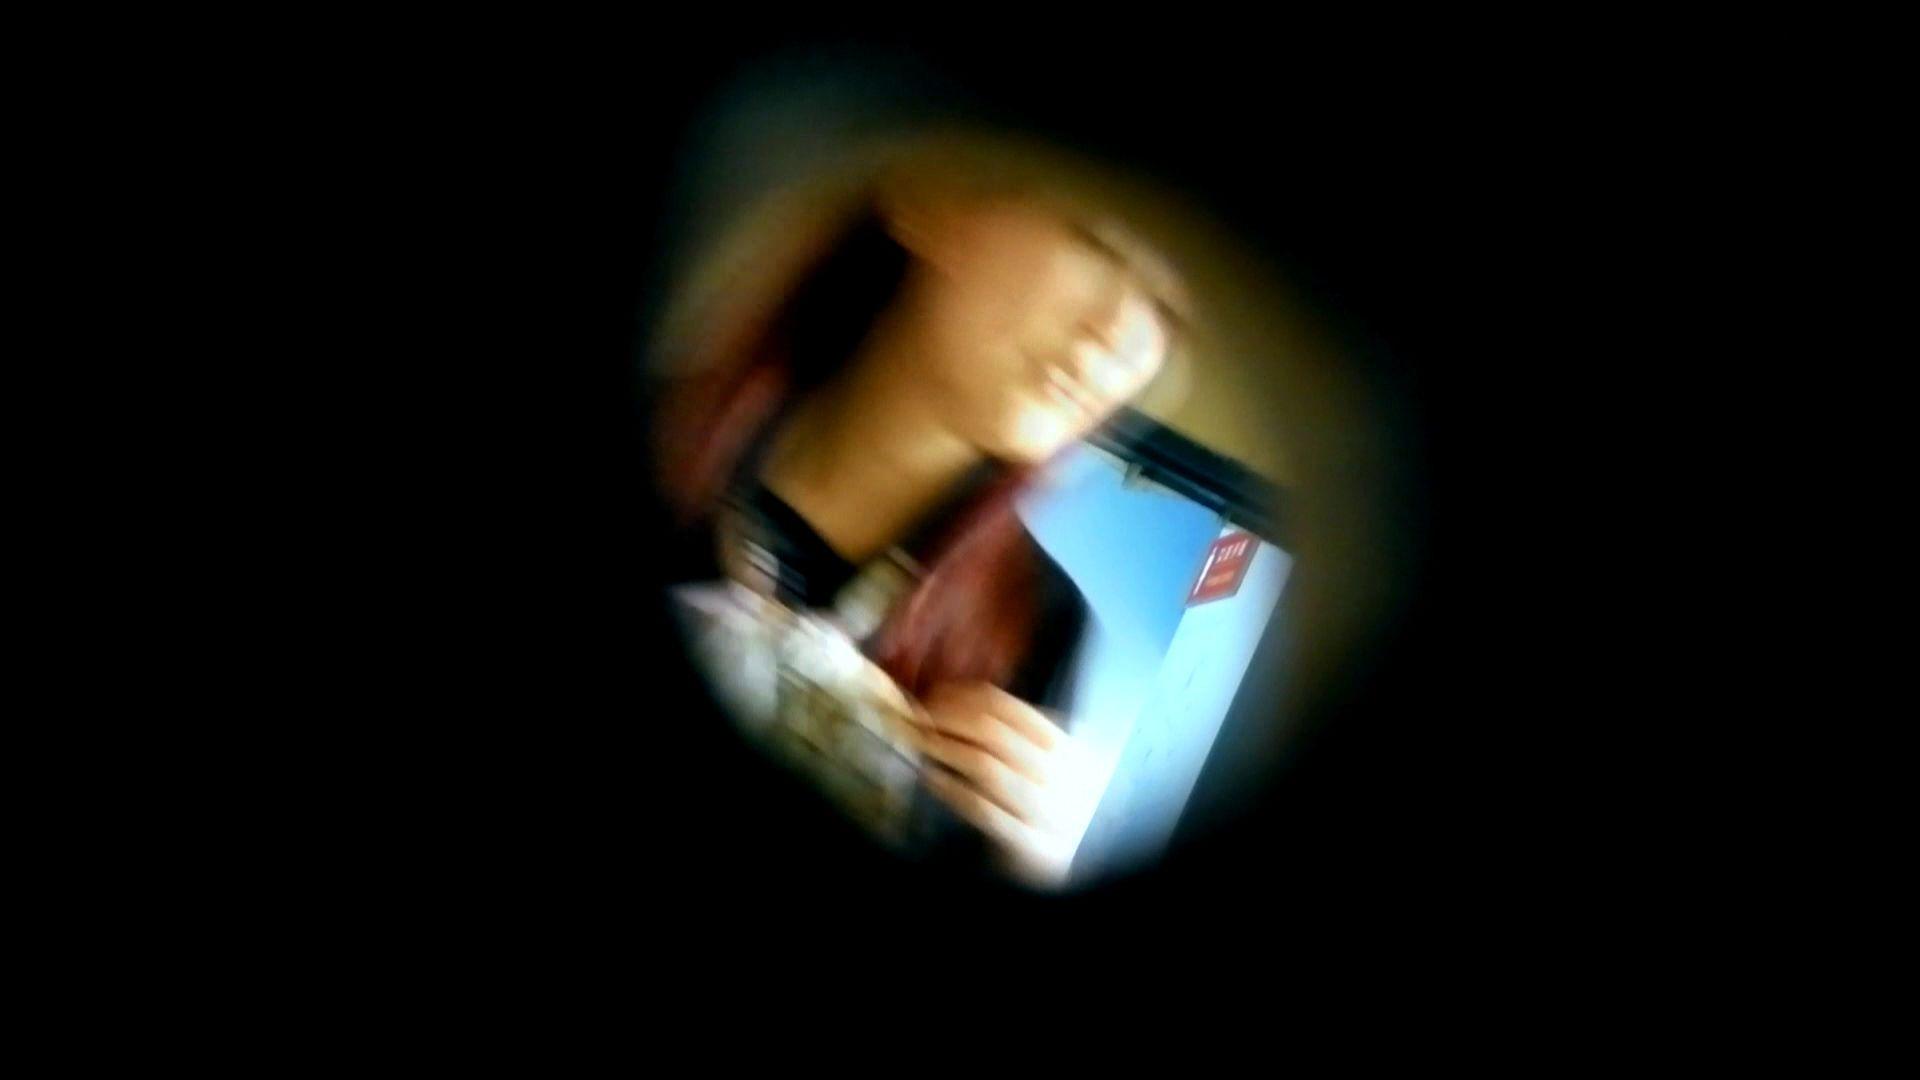 ステーション編 vol.36 無料動画に登場したトップクラスモデル本番へ 丸見え オマンコ無修正動画無料 84枚 44